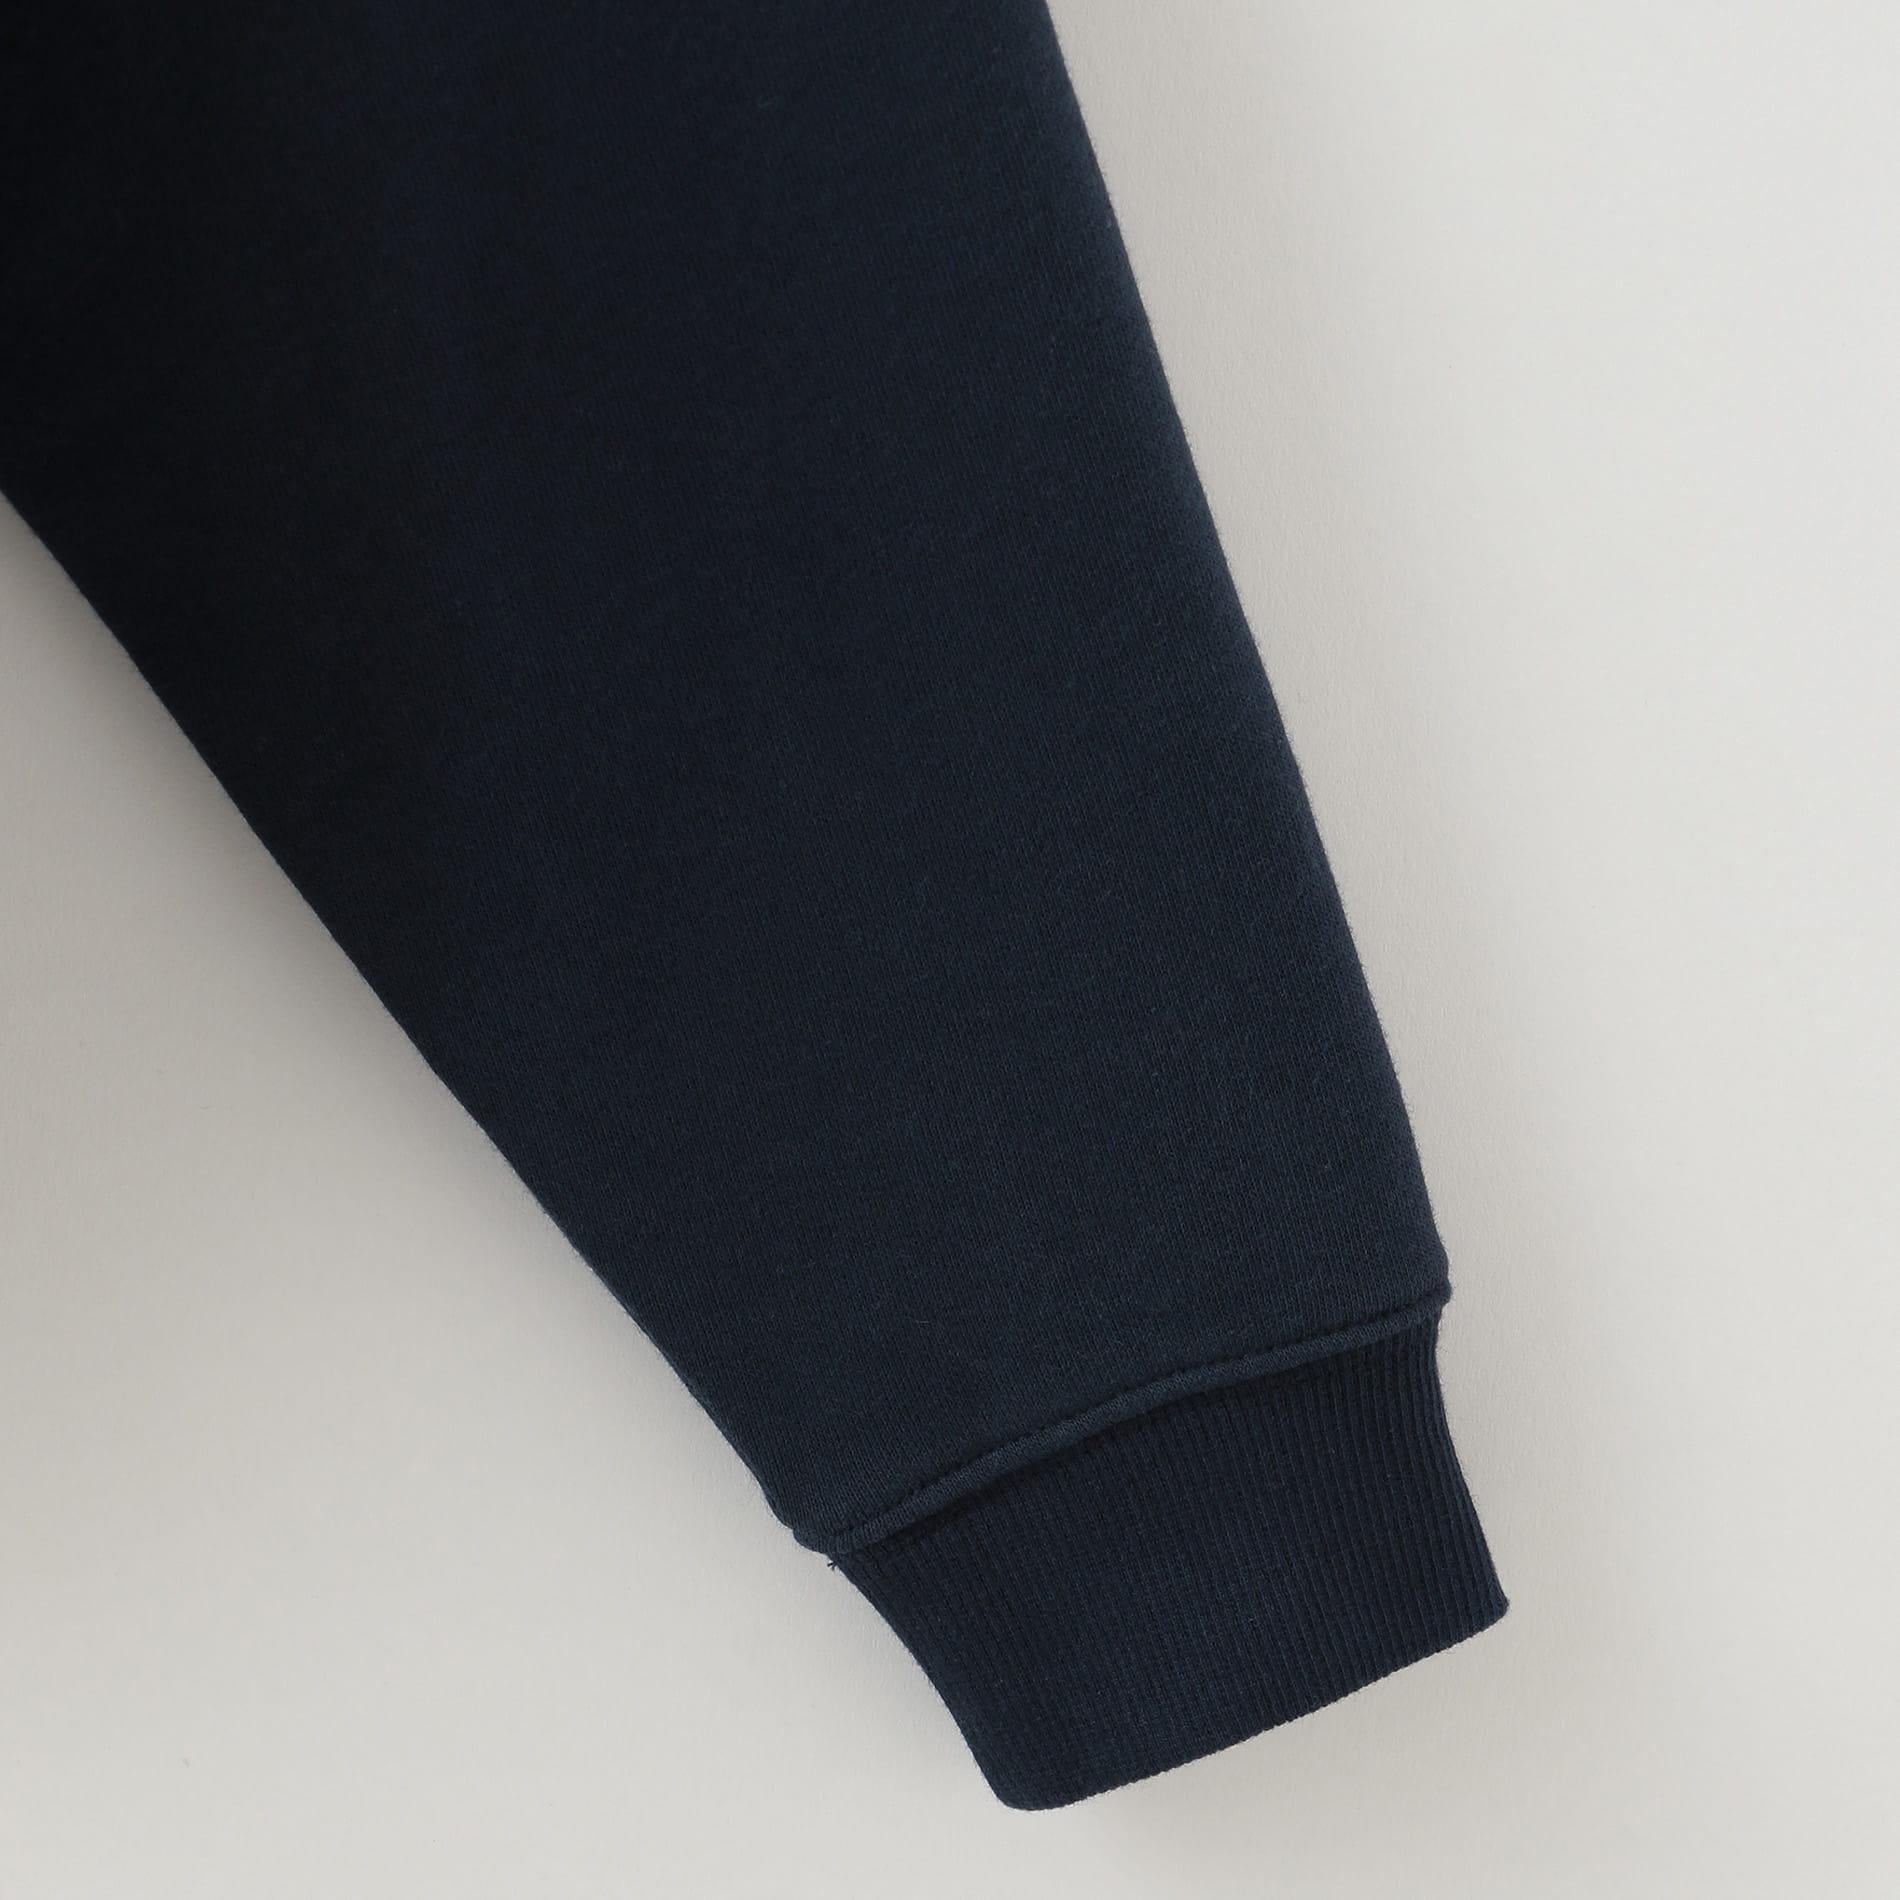 【Calvin Klein underwear】WOMEN ジップアップパーカー QS6030